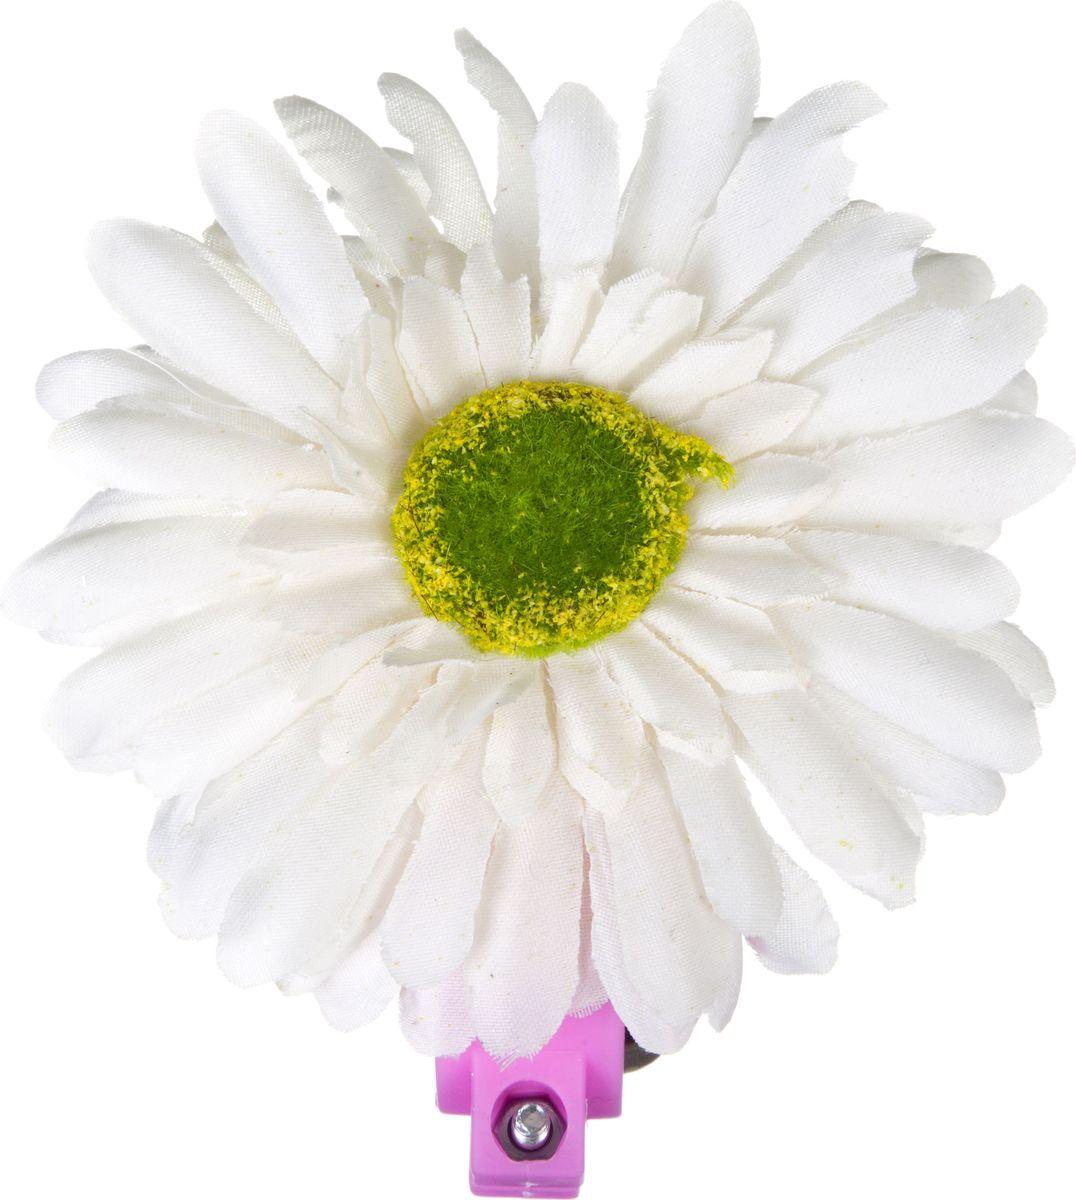 Звонок велосипедный STG Цветок 24AH, детский